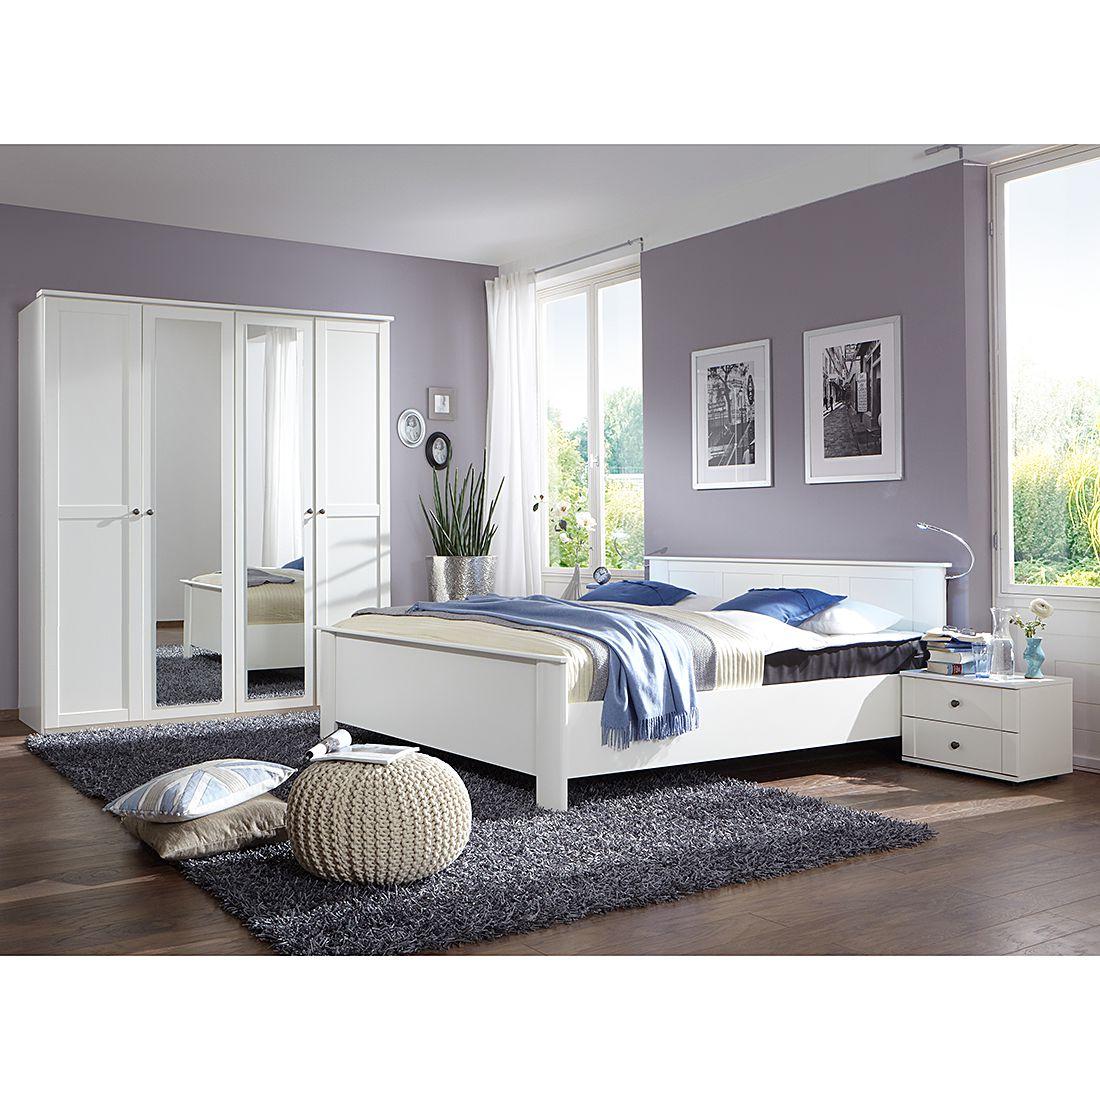 Full Size of Schlafzimmer Komplett Günstig Home24 Schlafzimmerset Chalet Komplettes Wandtattoo Luxus Regal Sofa Küche Kaufen Komplettangebote Set Weiß Stuhl Günstige Schlafzimmer Schlafzimmer Komplett Günstig